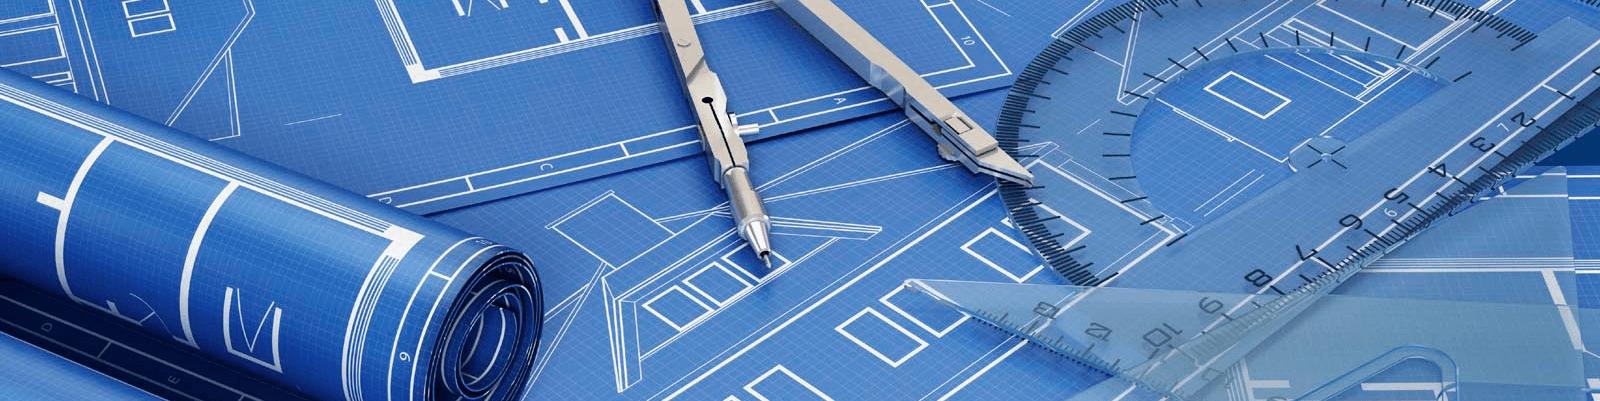 Intel builders